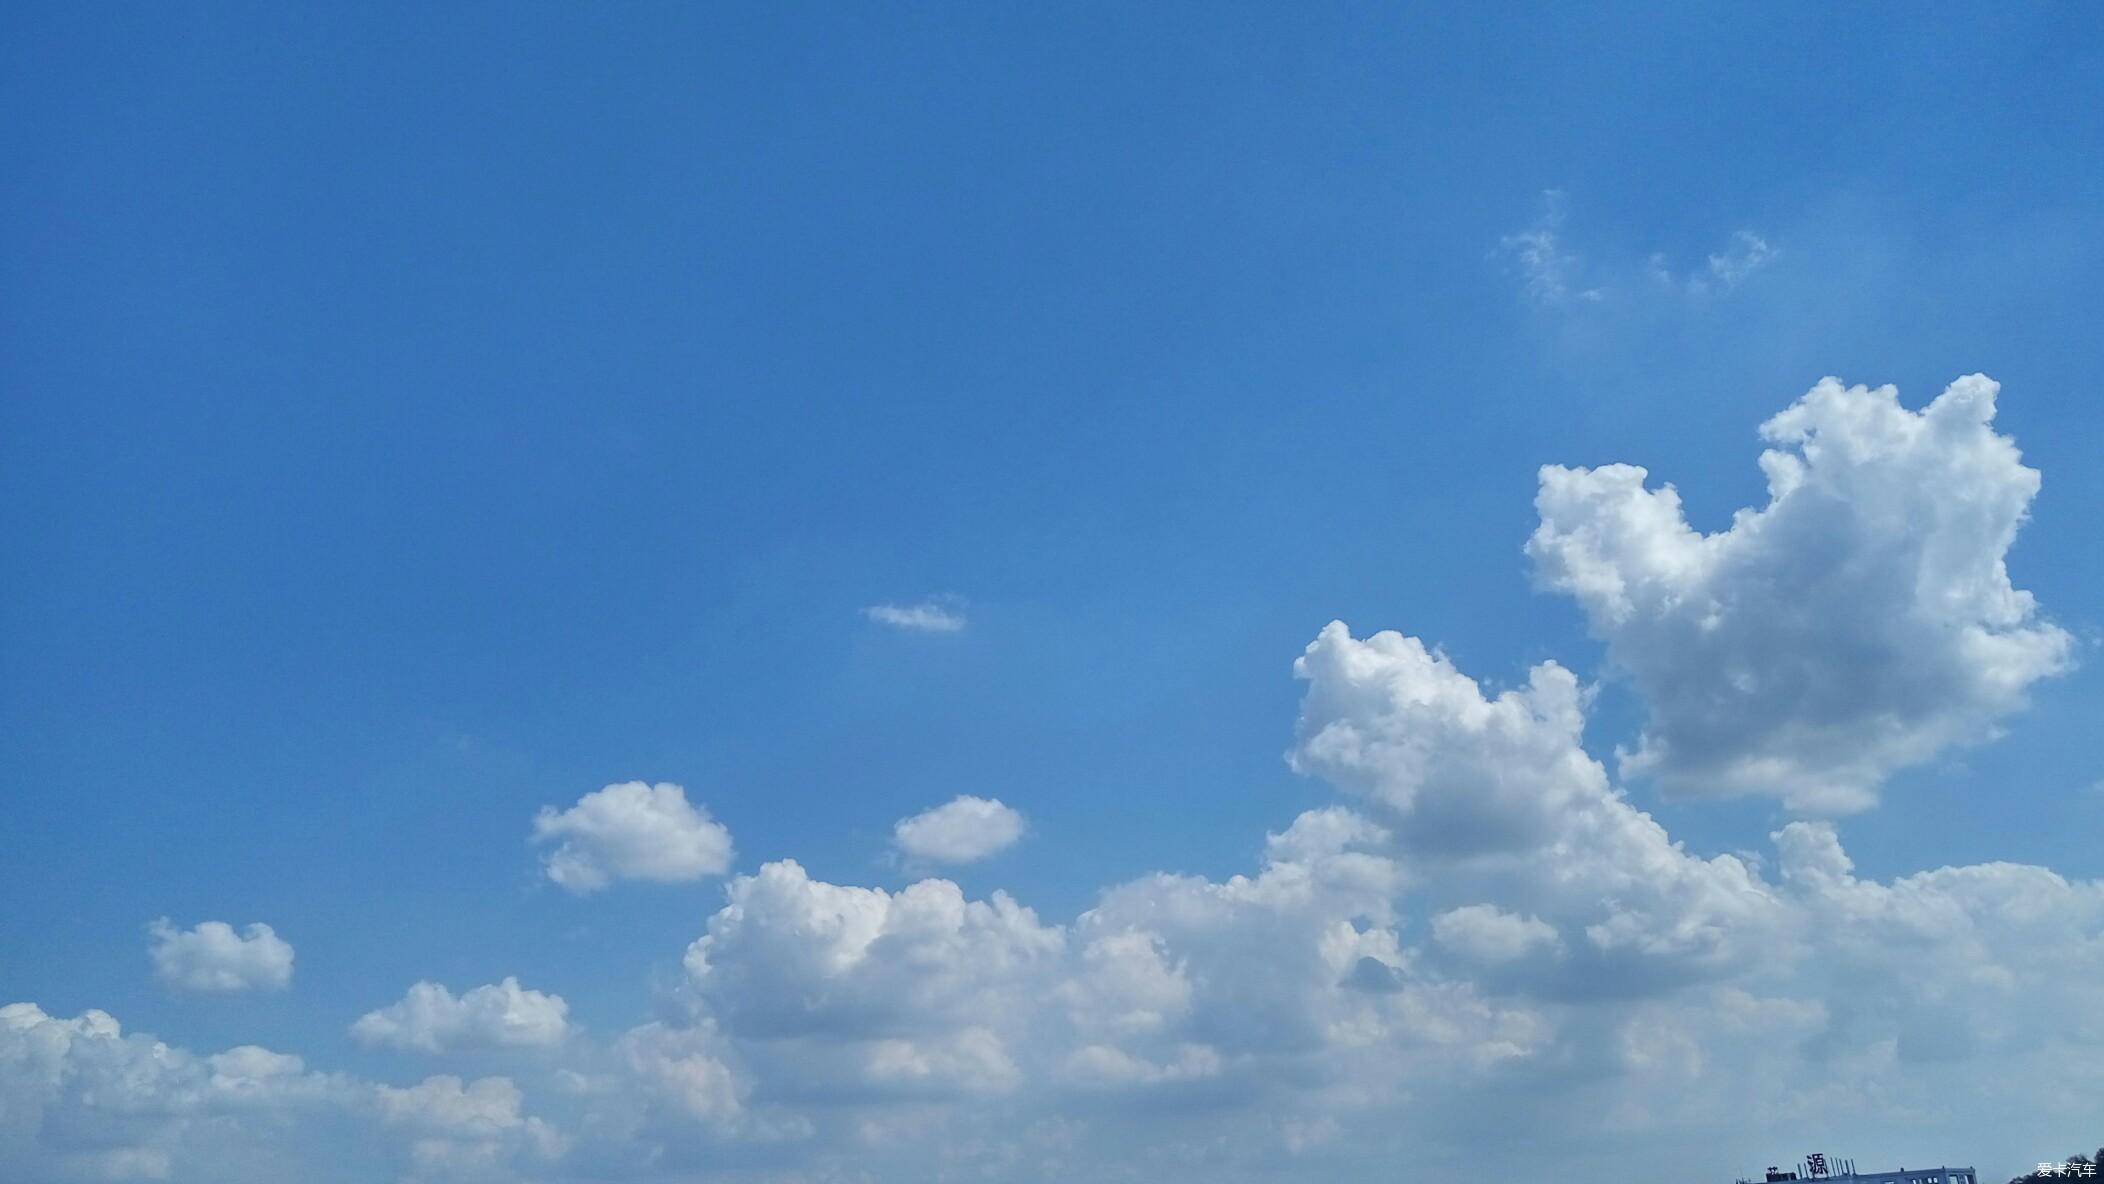 背景 壁纸 风景 天空 桌面 2104_1184